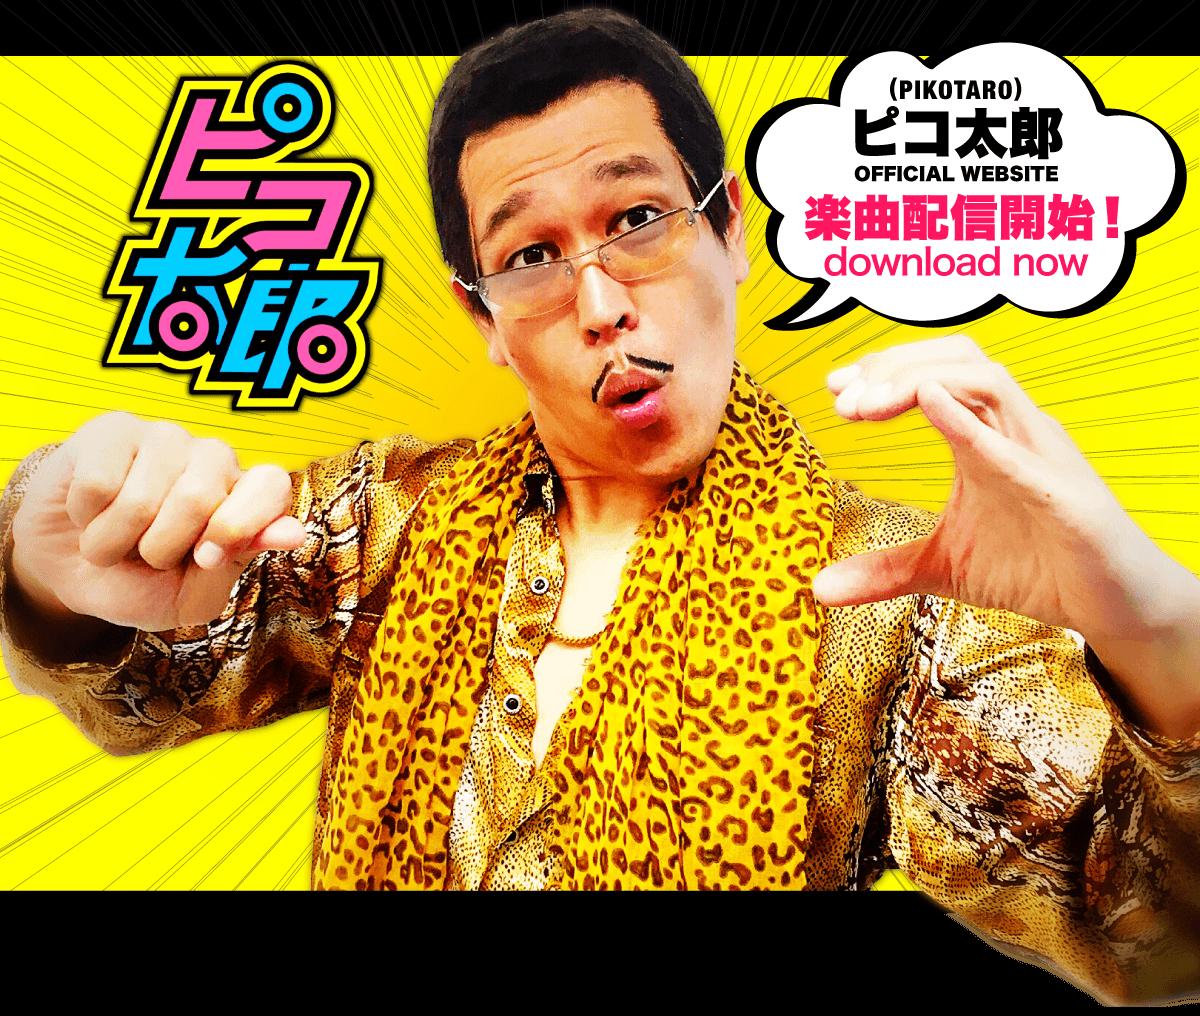 ピコ太郎(PIKOTARO)オフィシャルサイト